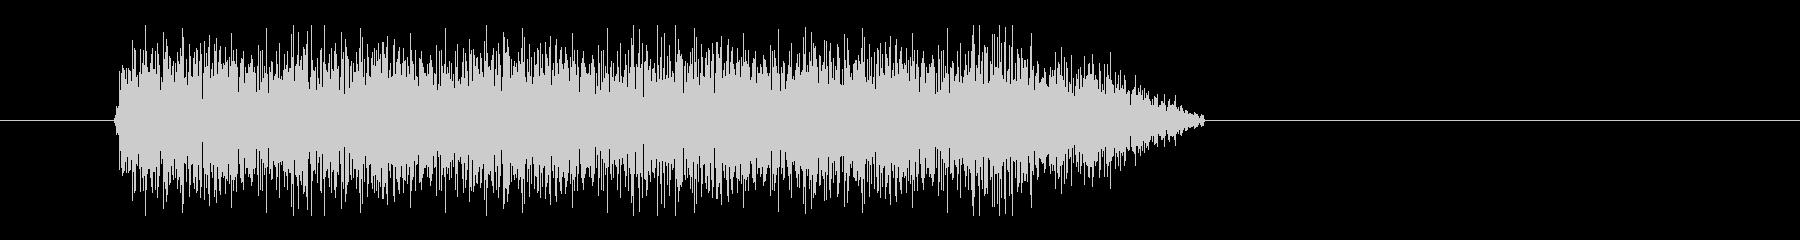 レーザー音-18-3の未再生の波形